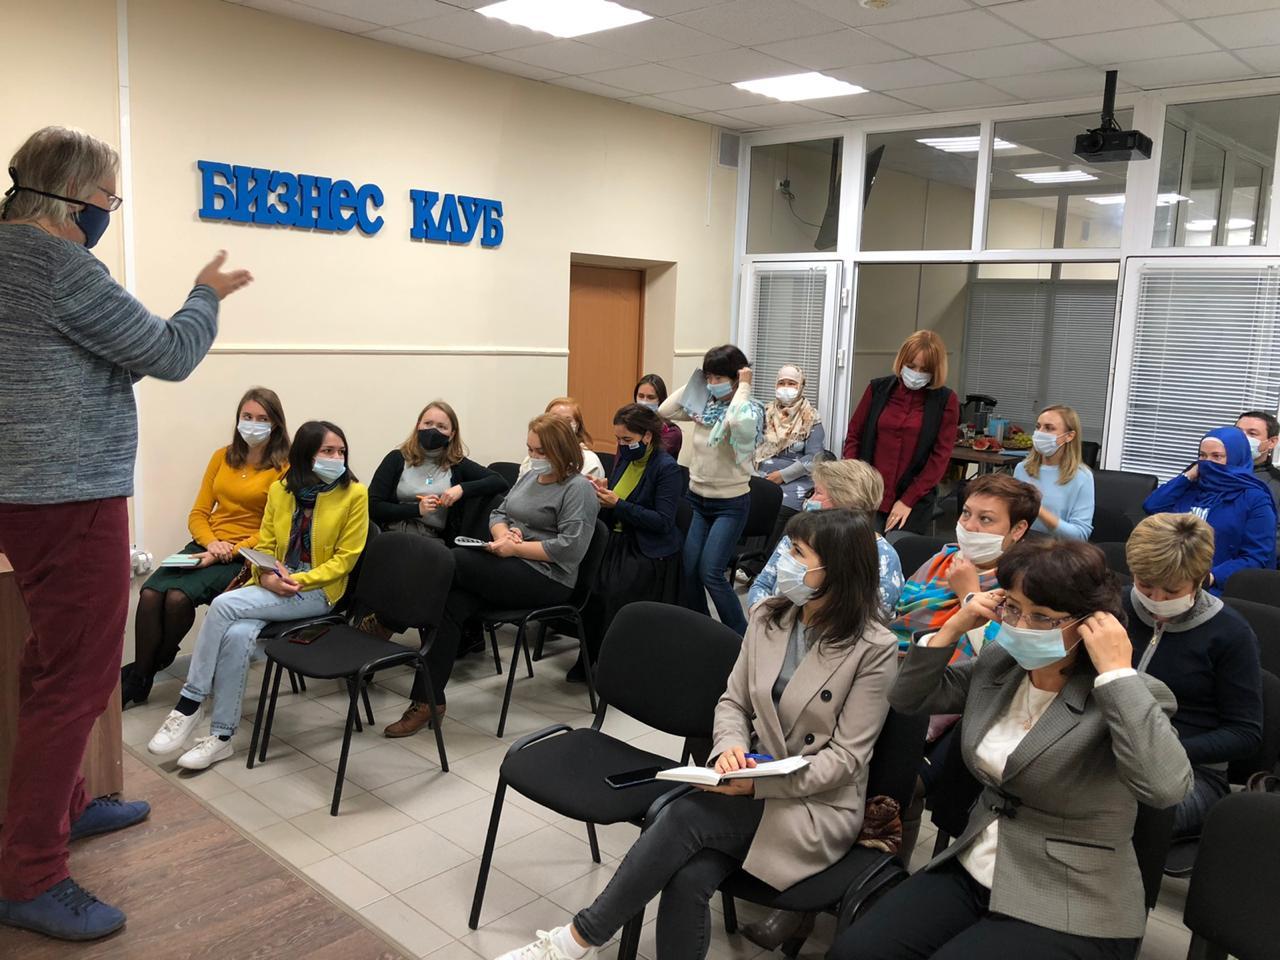 Семинар для лидеров и специалистов некоммерческих организаций Башкортостана прошел в Уфе 15-16 сентября